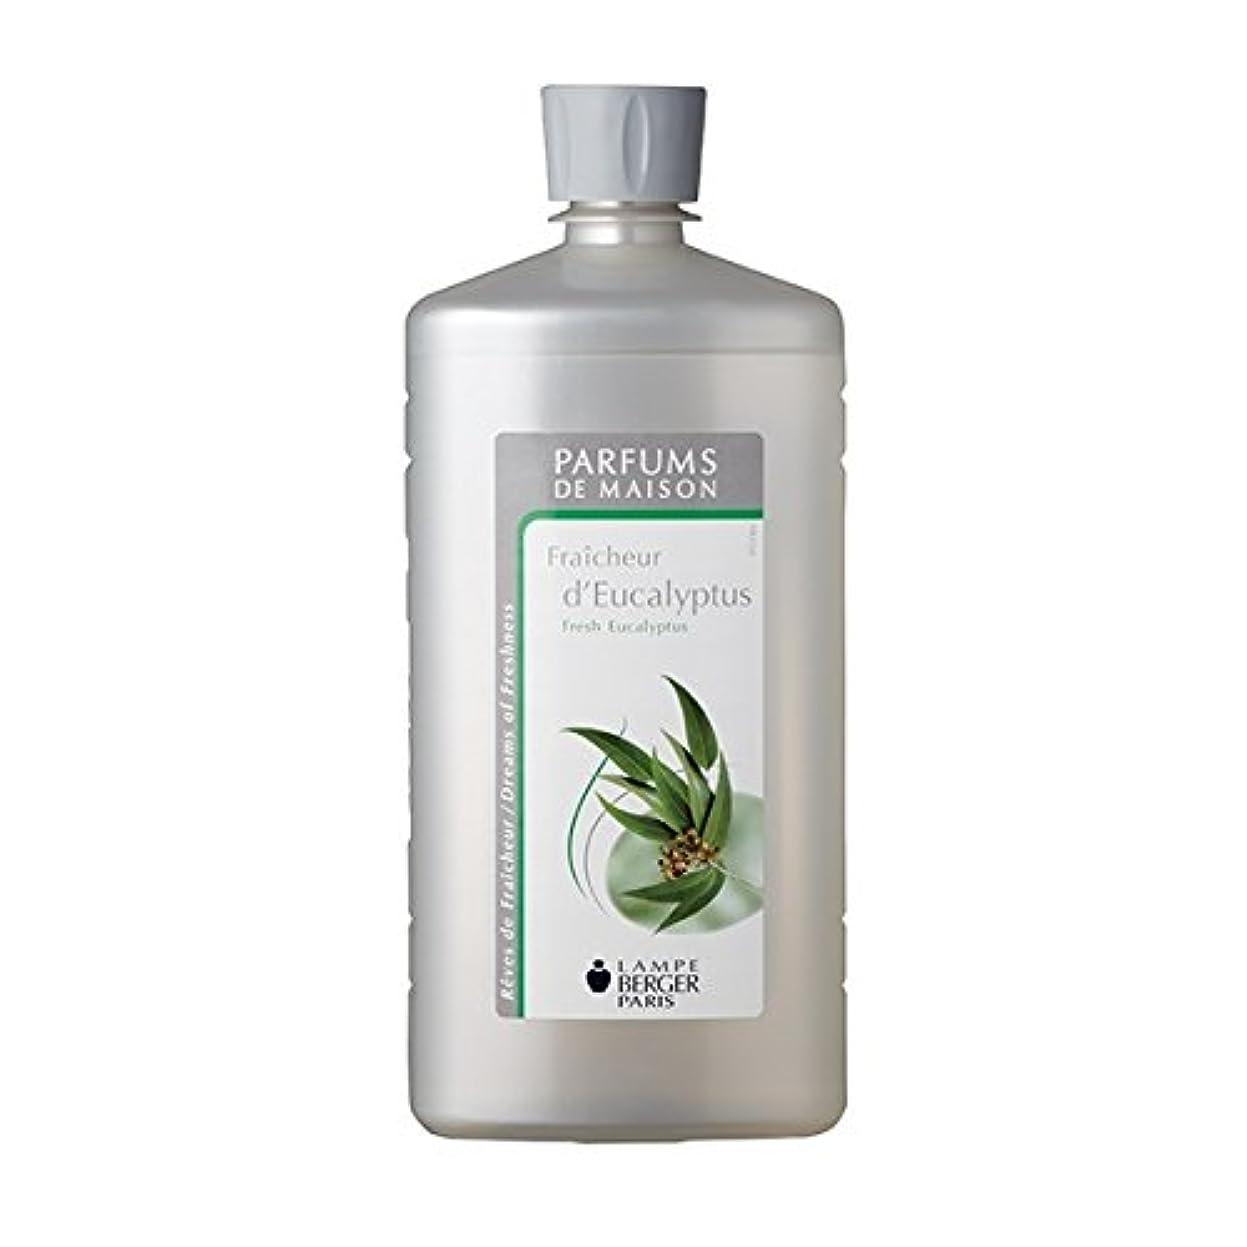 発揮する押し下げる叙情的なランプベルジェオイル(ユーカリ)Fraîcheur d'Eucalyptus Fresh Eucalyptus